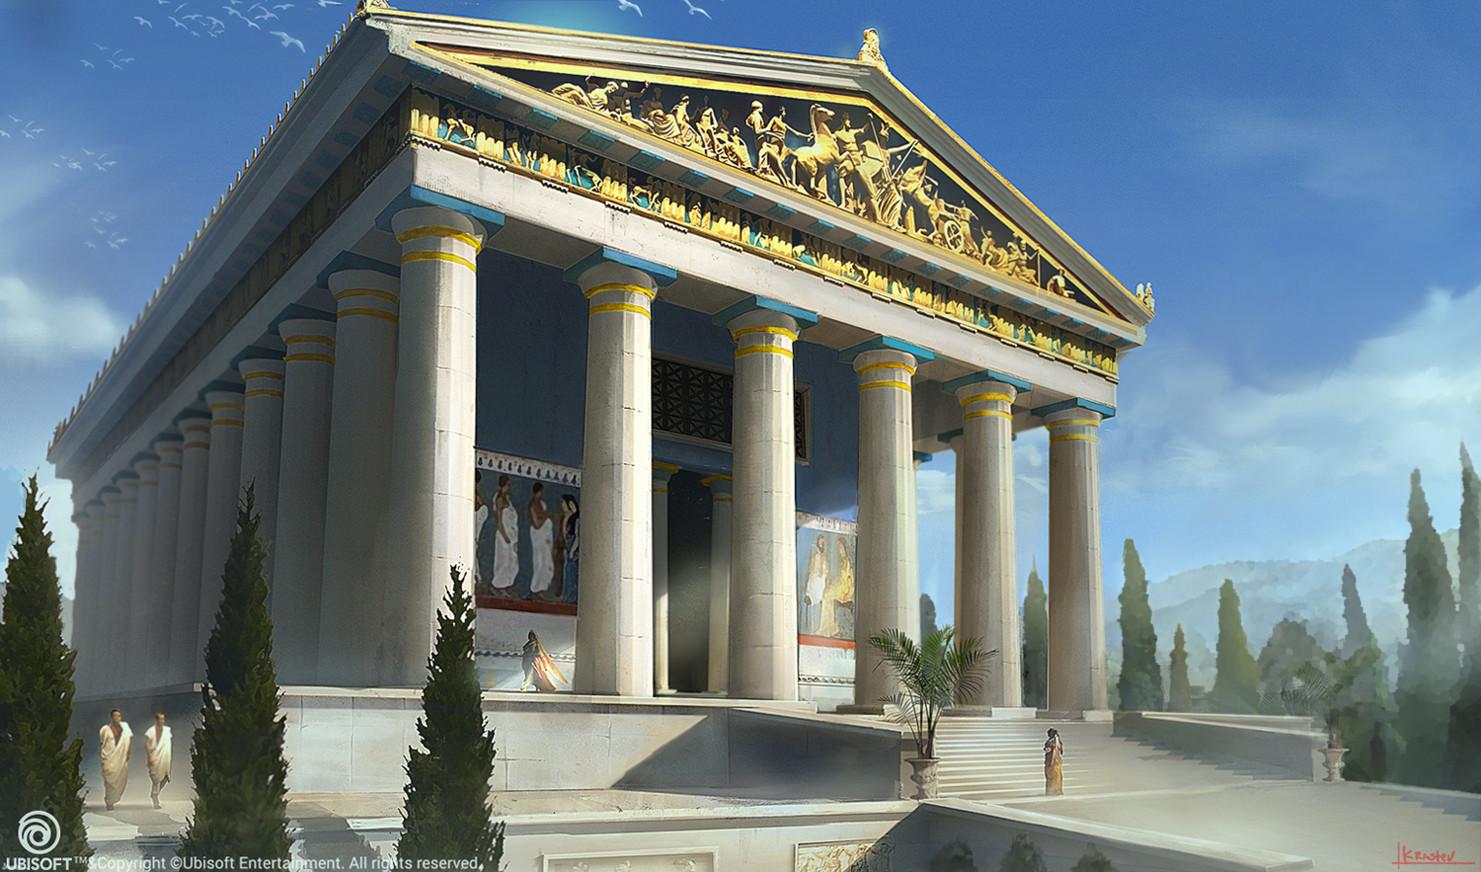 Tsvetelin krastev ace env cyrene temple of zeus 03 lr tsvetelin krastev1